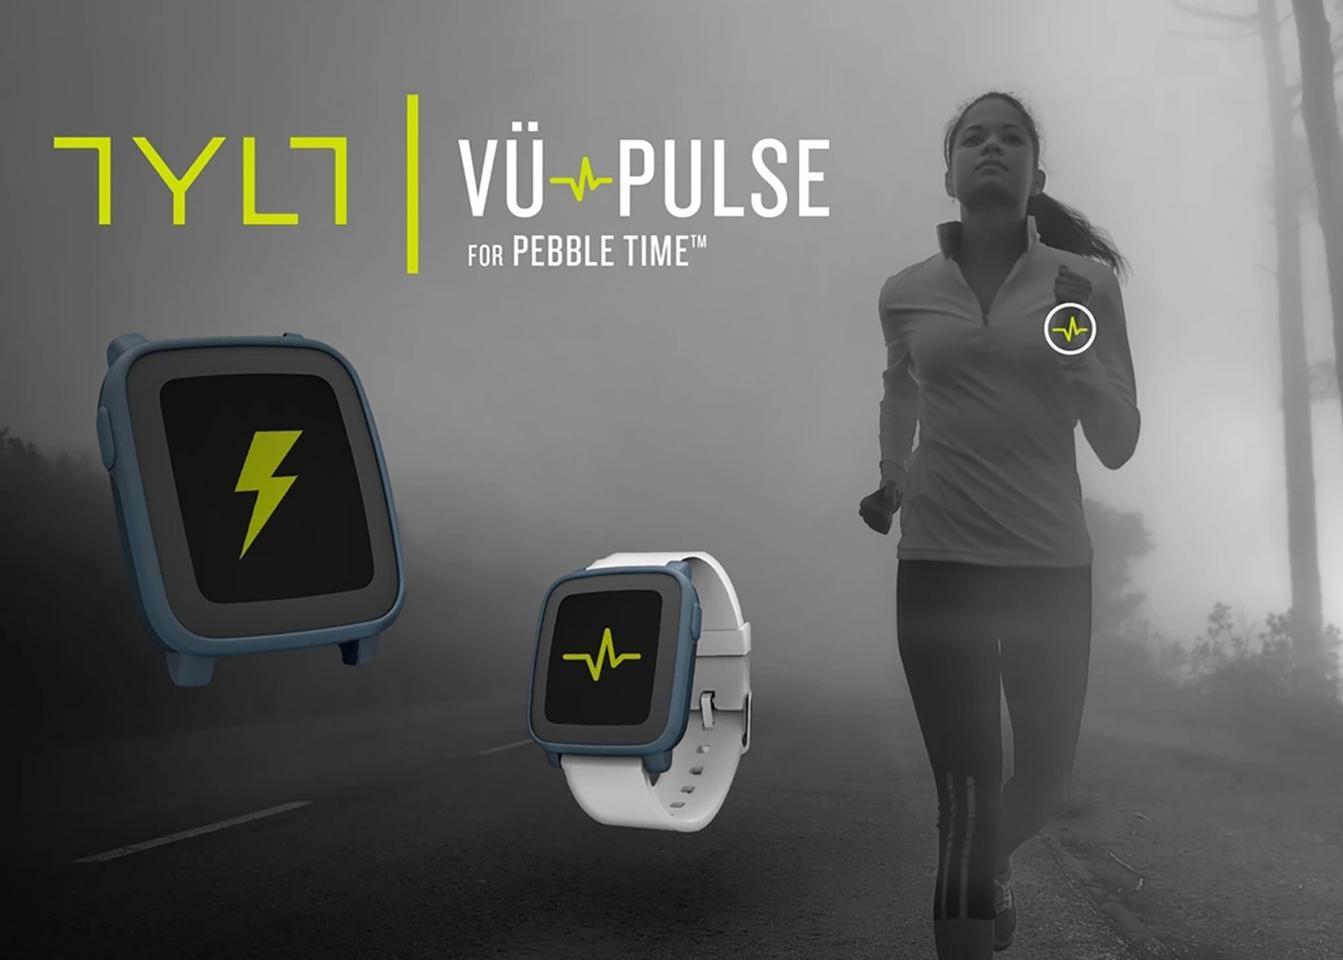 The Tylt Vü Pulse Kickstarter is looking to raise US$150,000